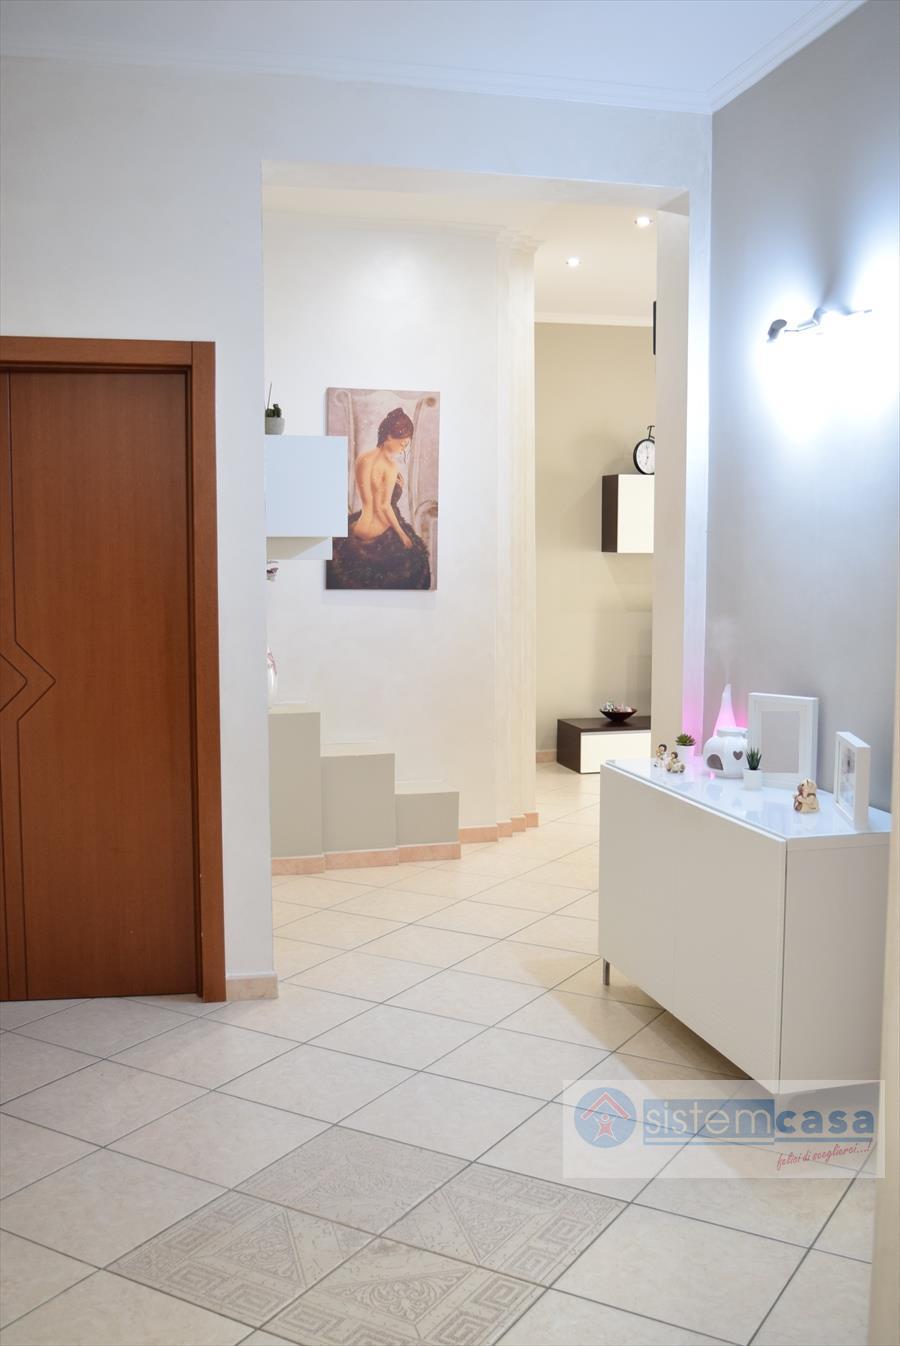 Appartamento in Vendita a Corato Zona Via Don Minzoni